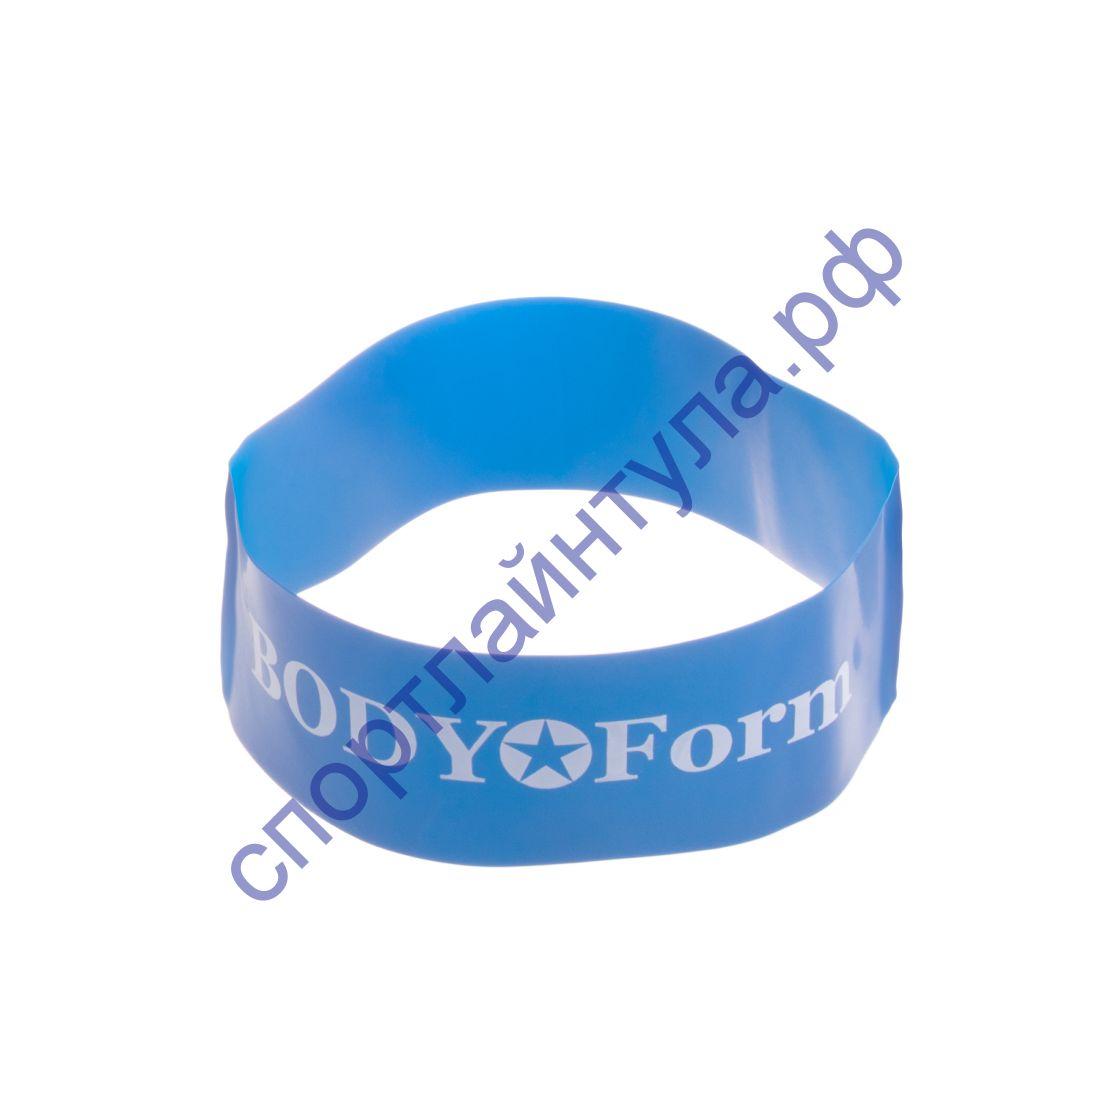 Петля BF-RL50-46 cм синяя